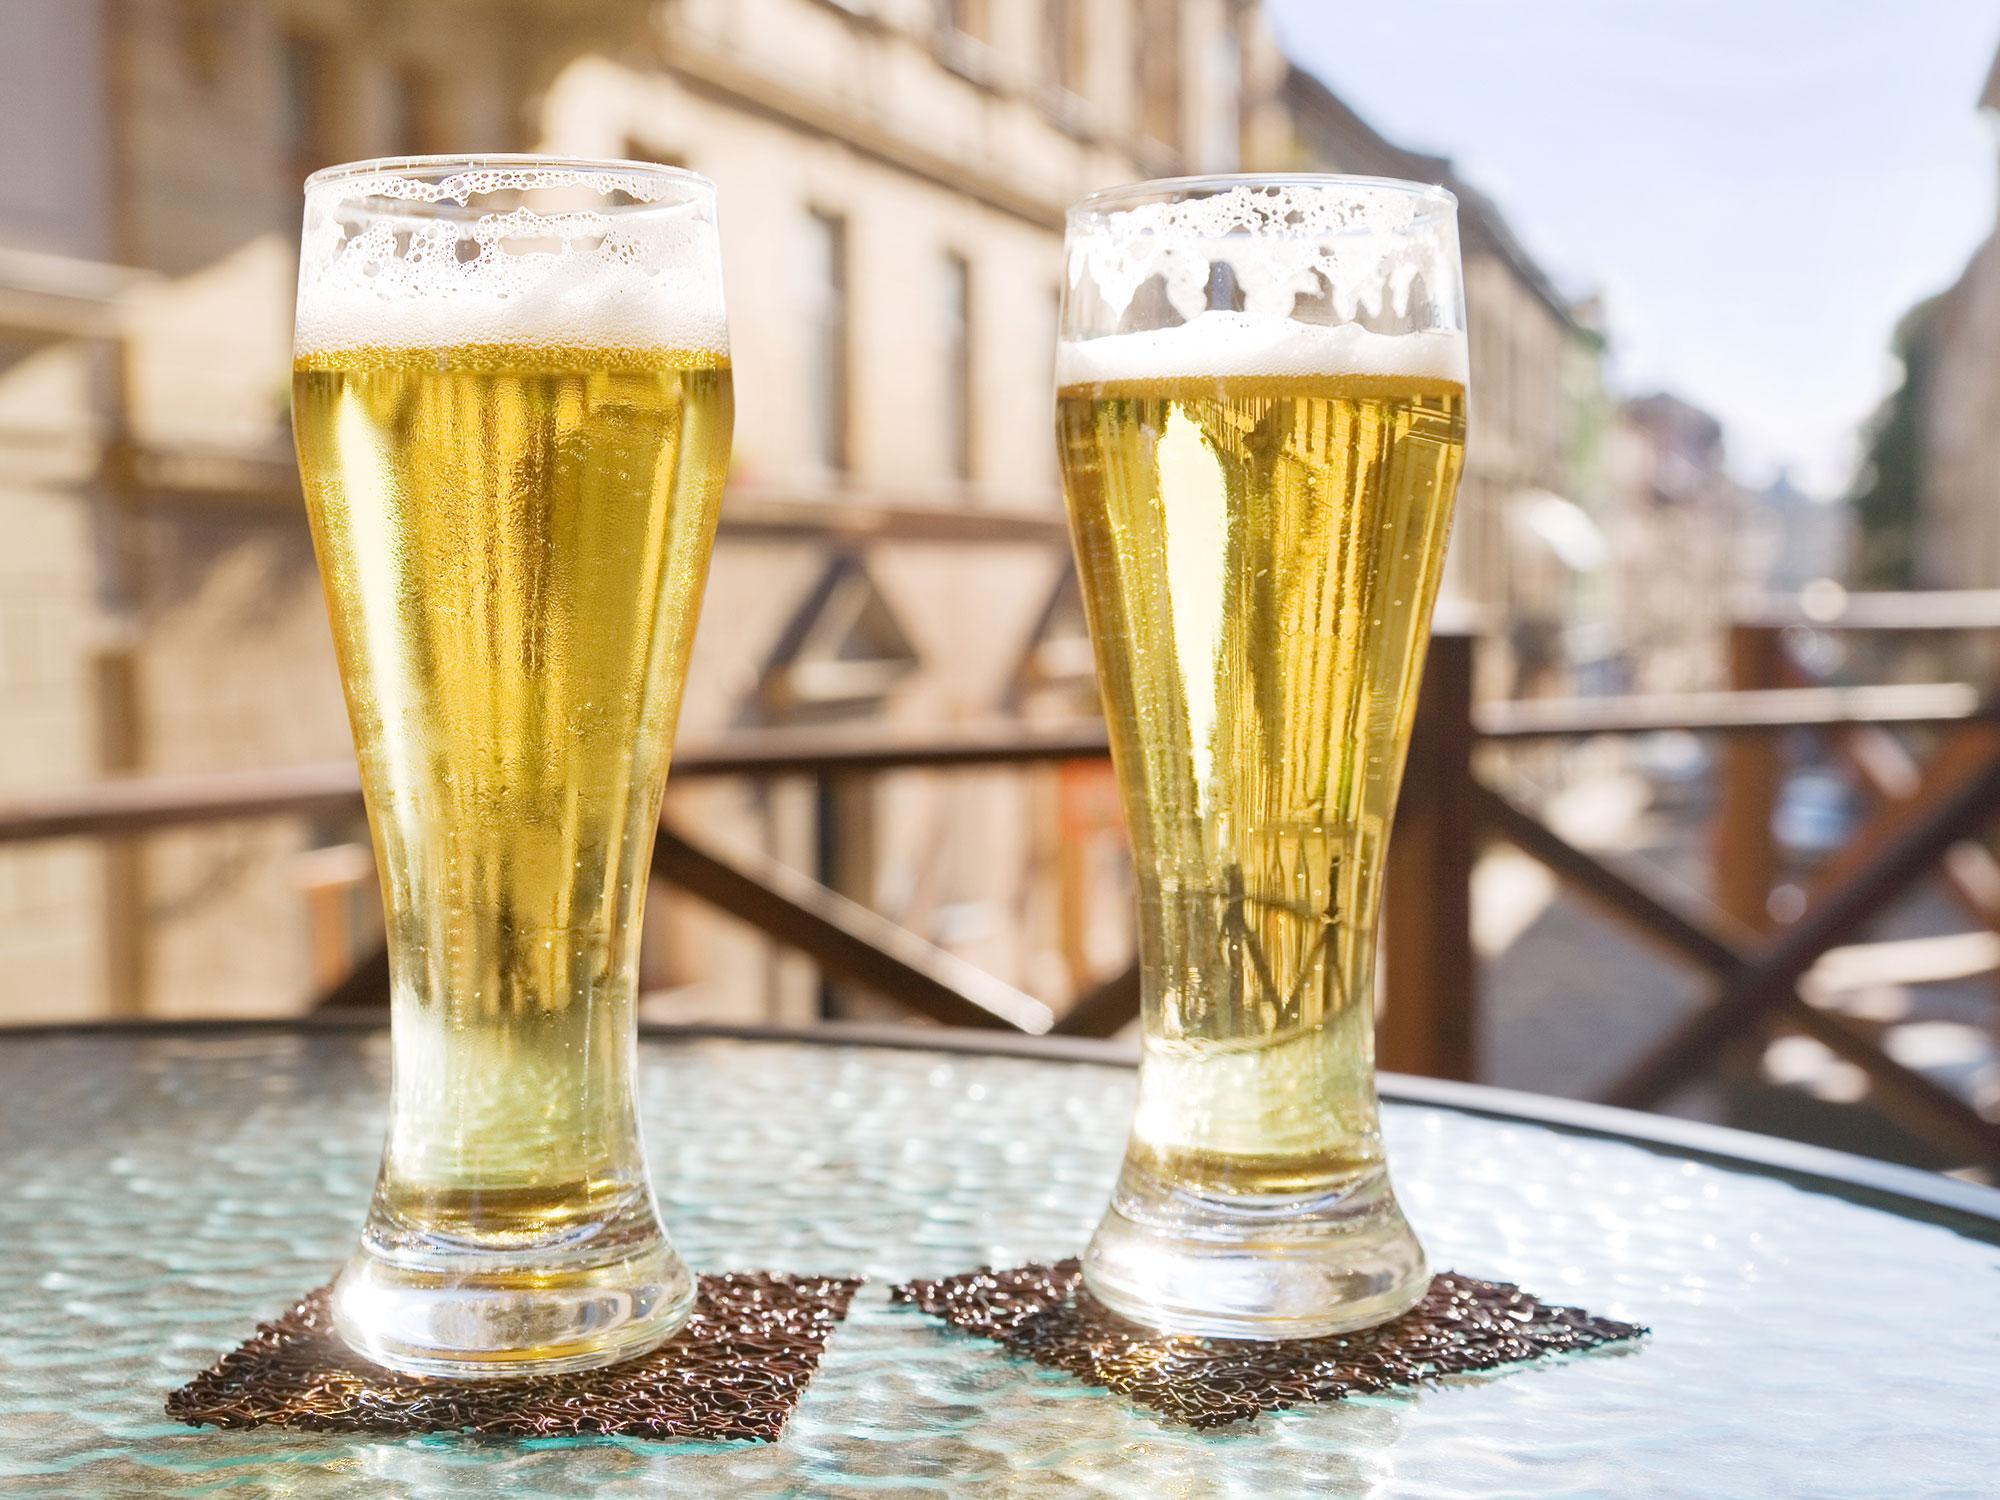 beer-st-germain.jpg